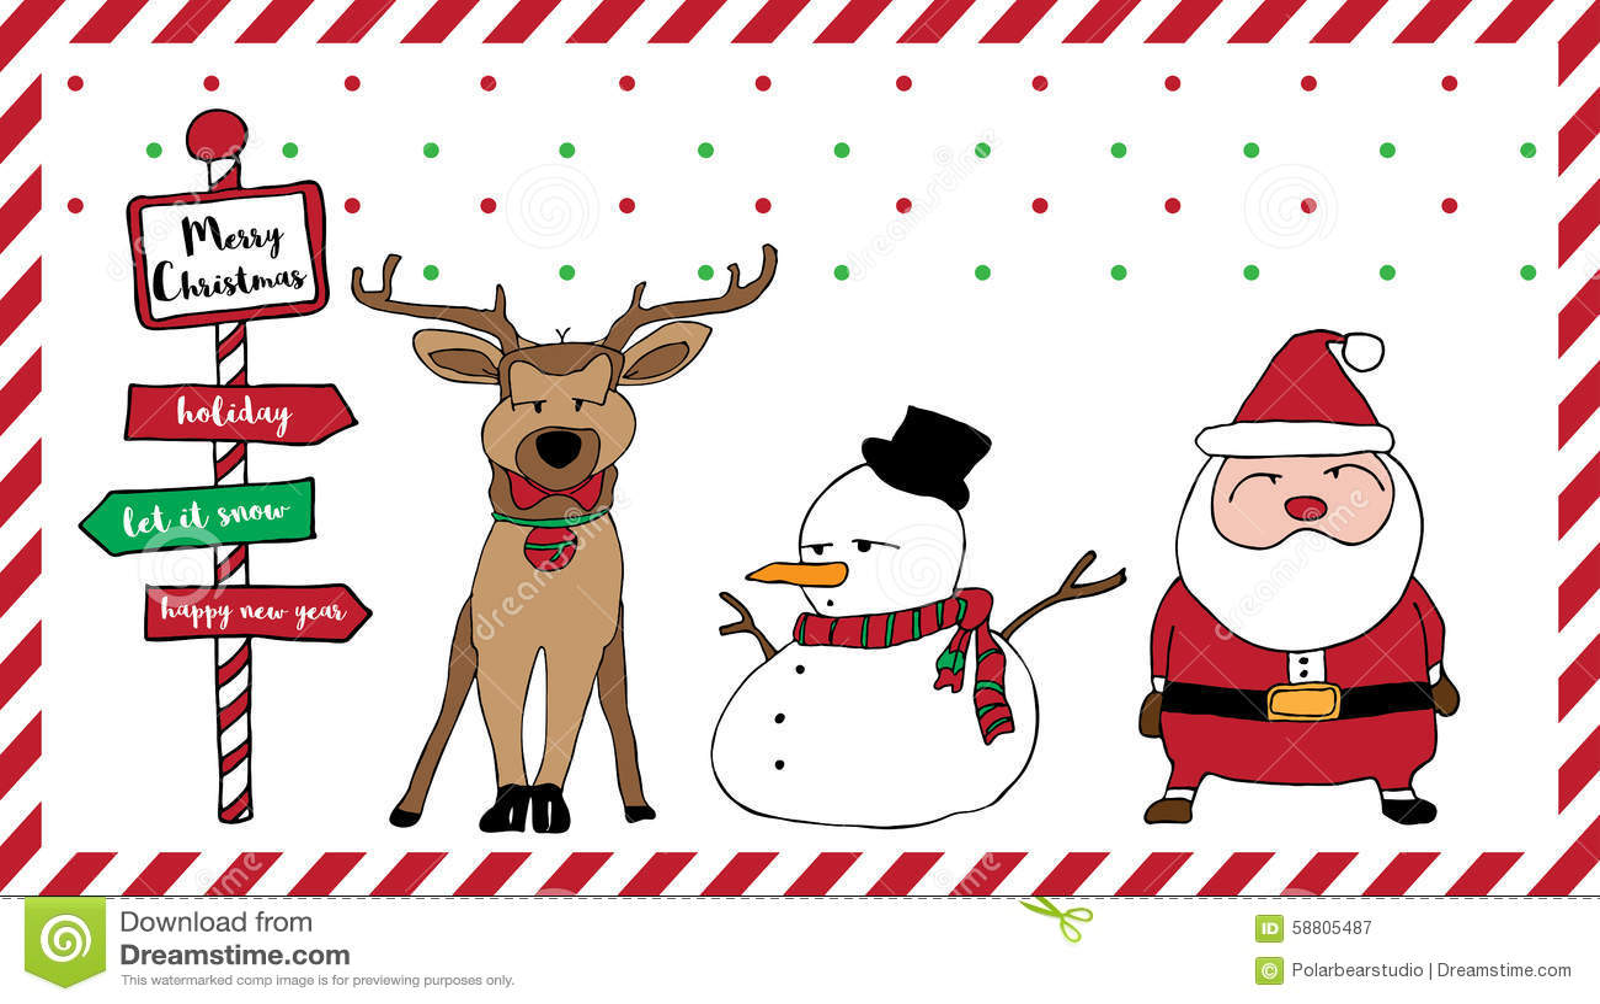 Merry Christmas Card Santa Reindeer Snowman Stock Vector